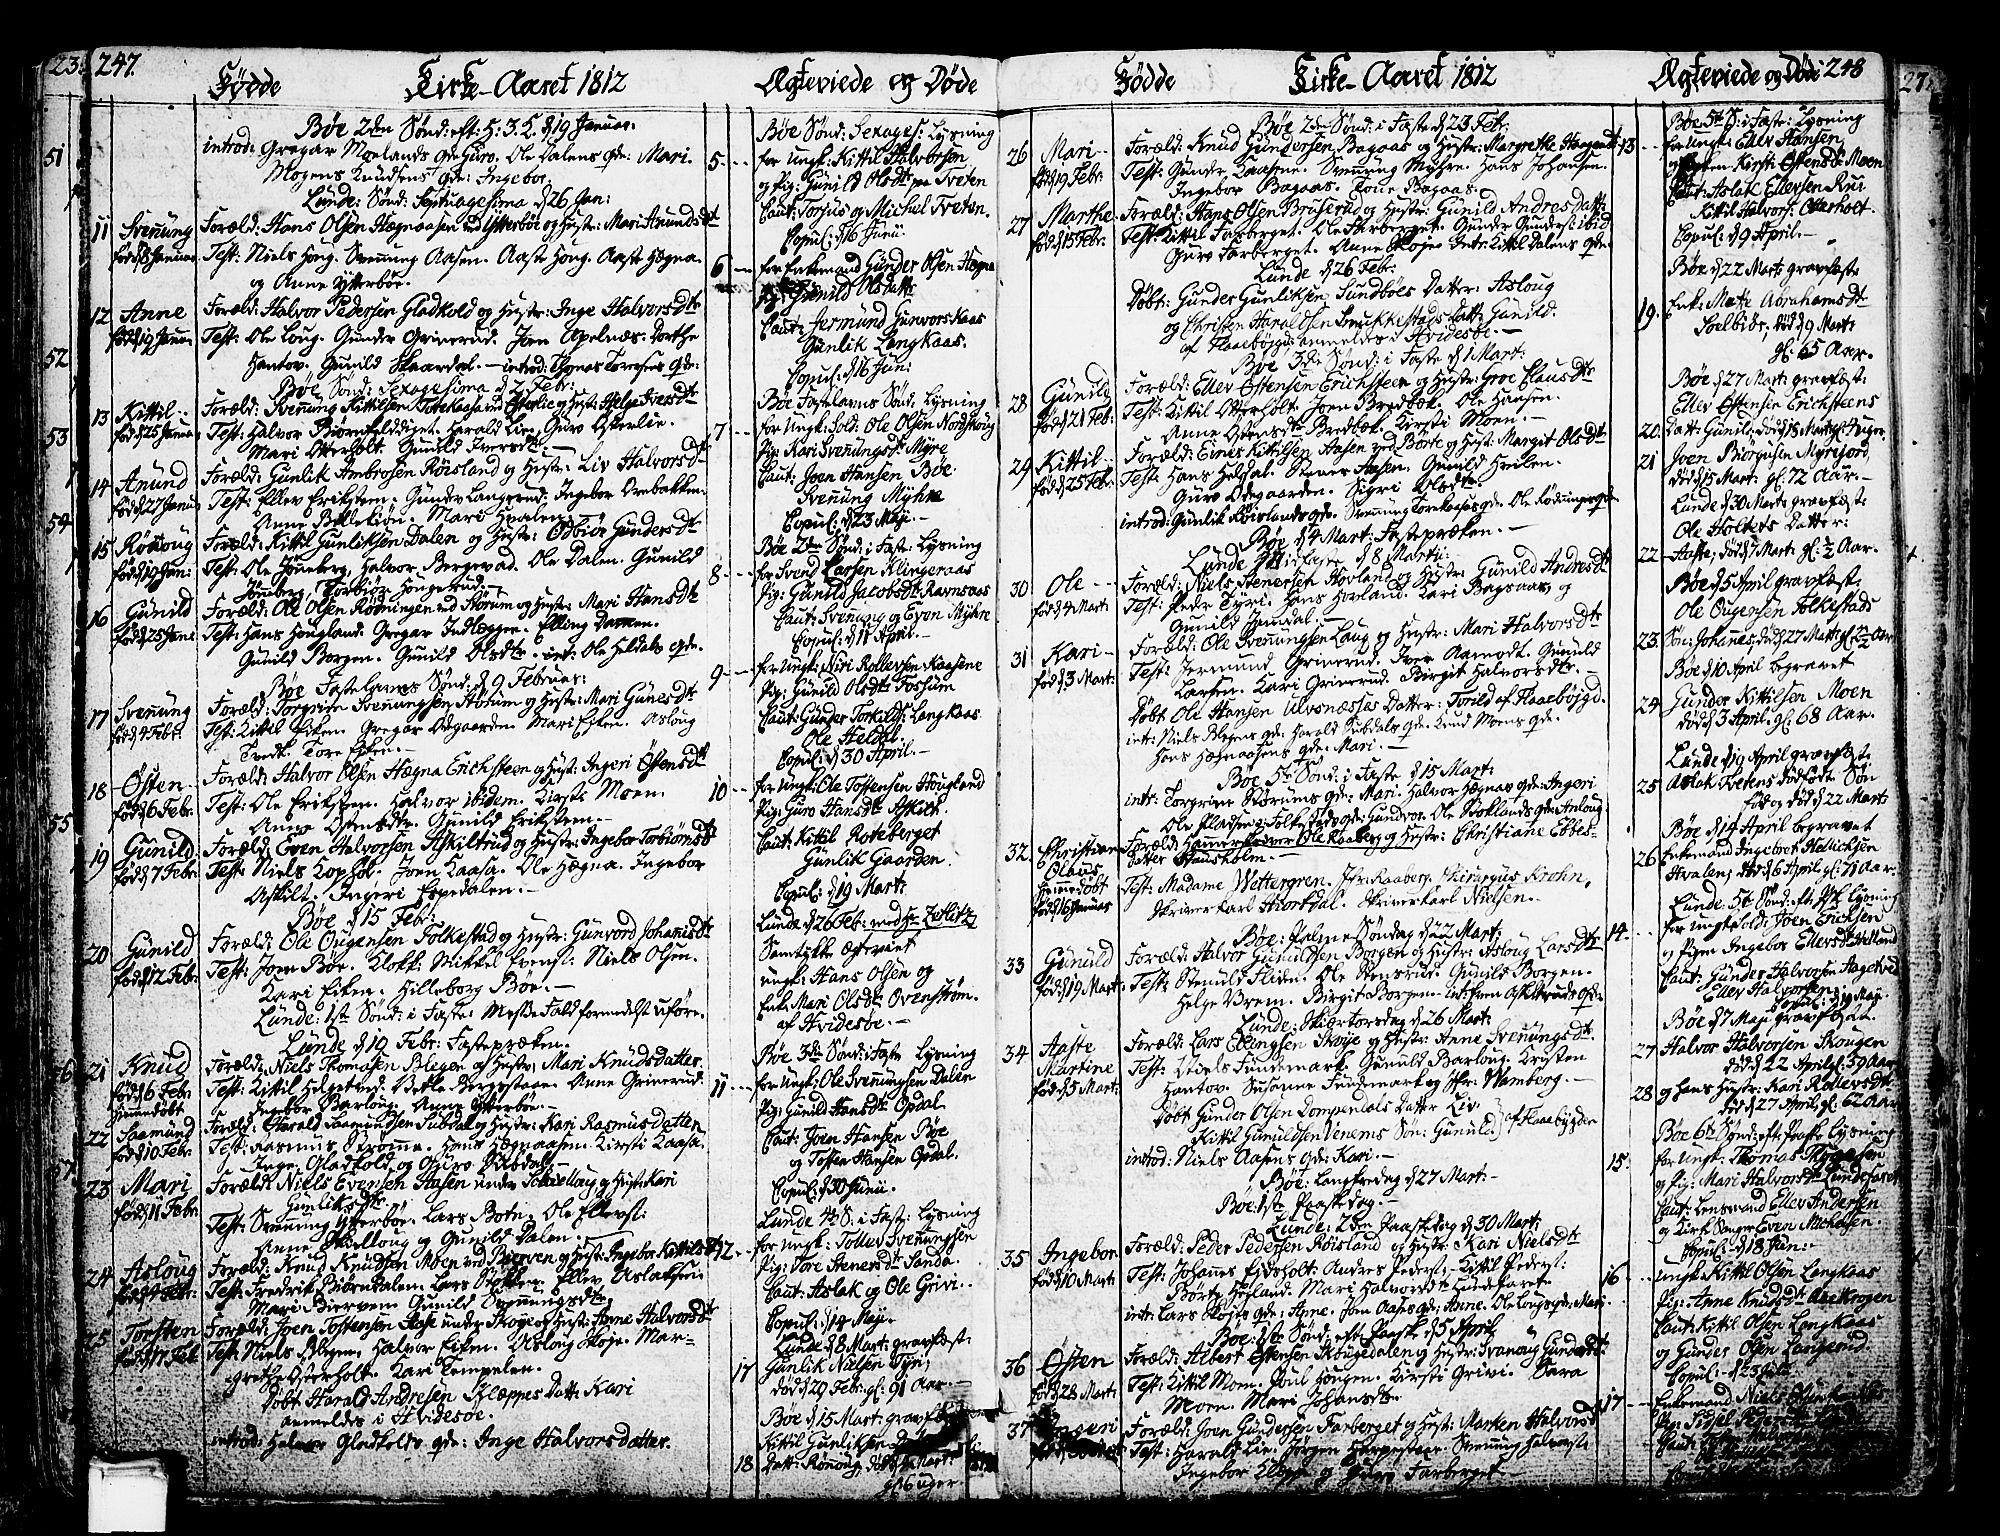 SAKO, Bø kirkebøker, F/Fa/L0005: Ministerialbok nr. 5, 1785-1815, s. 247-248